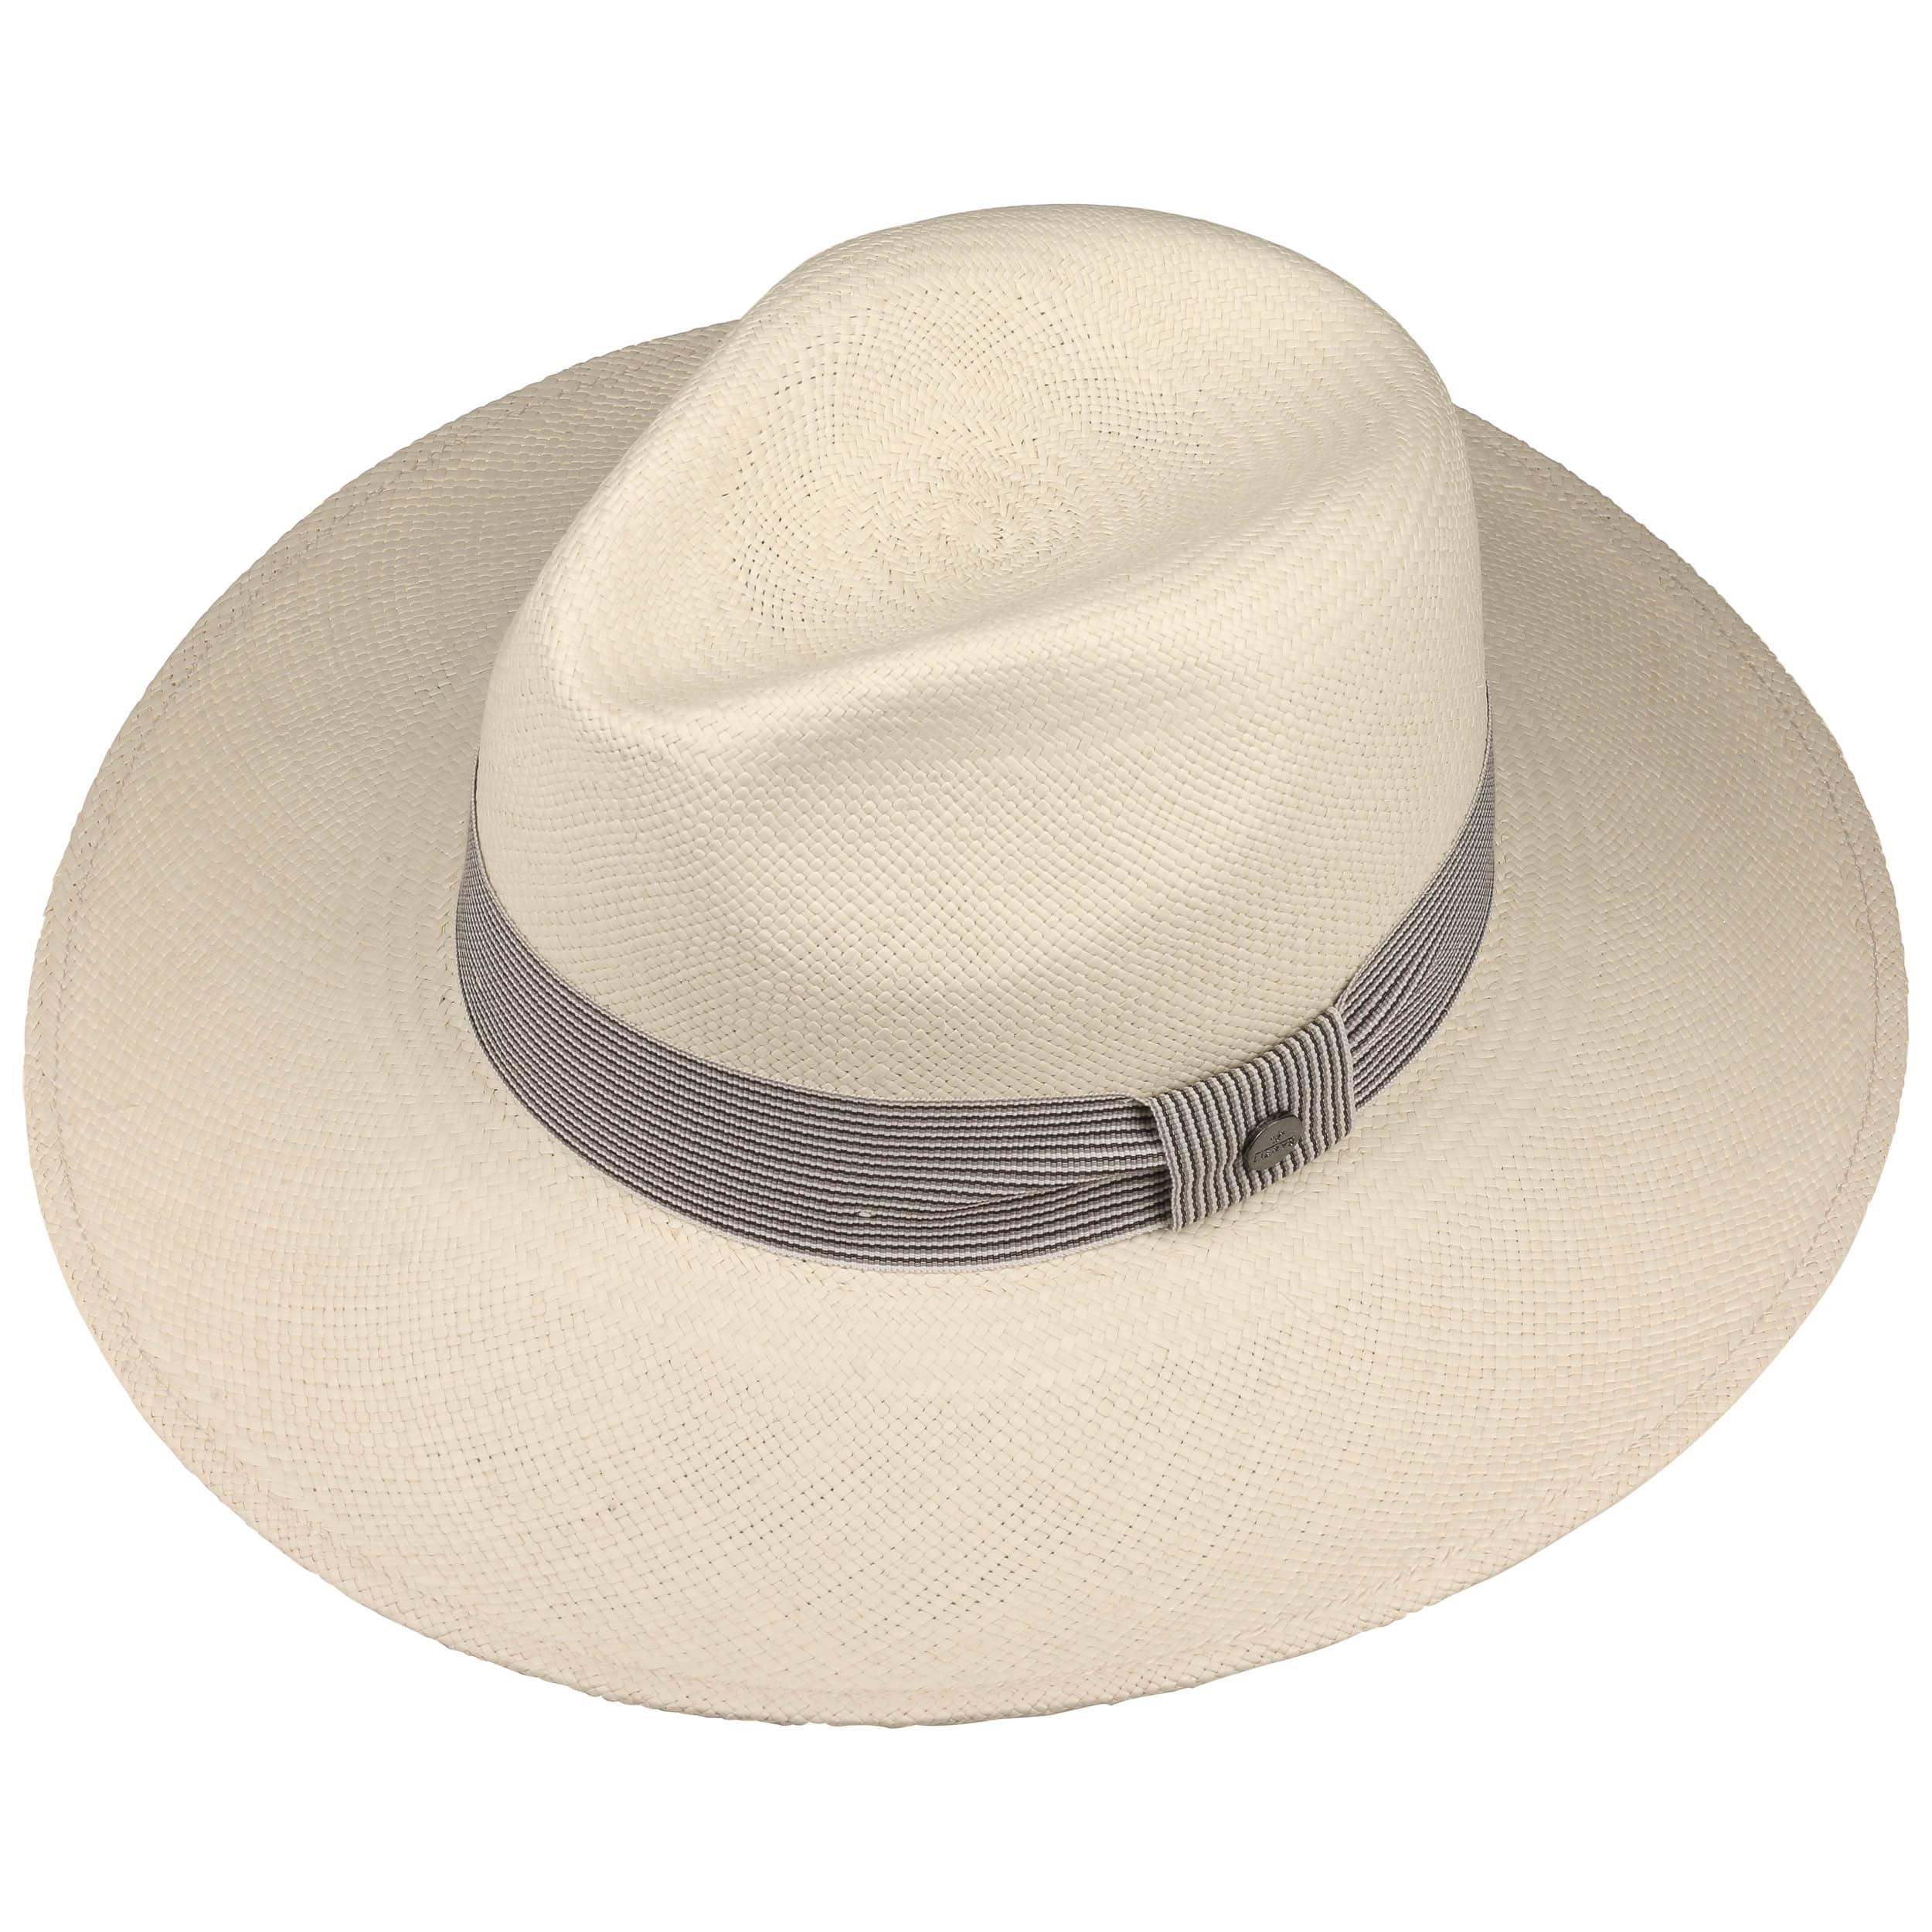 917d9ec289a Big Brim Stripes Panama Hat by Lierys - white 1 ...